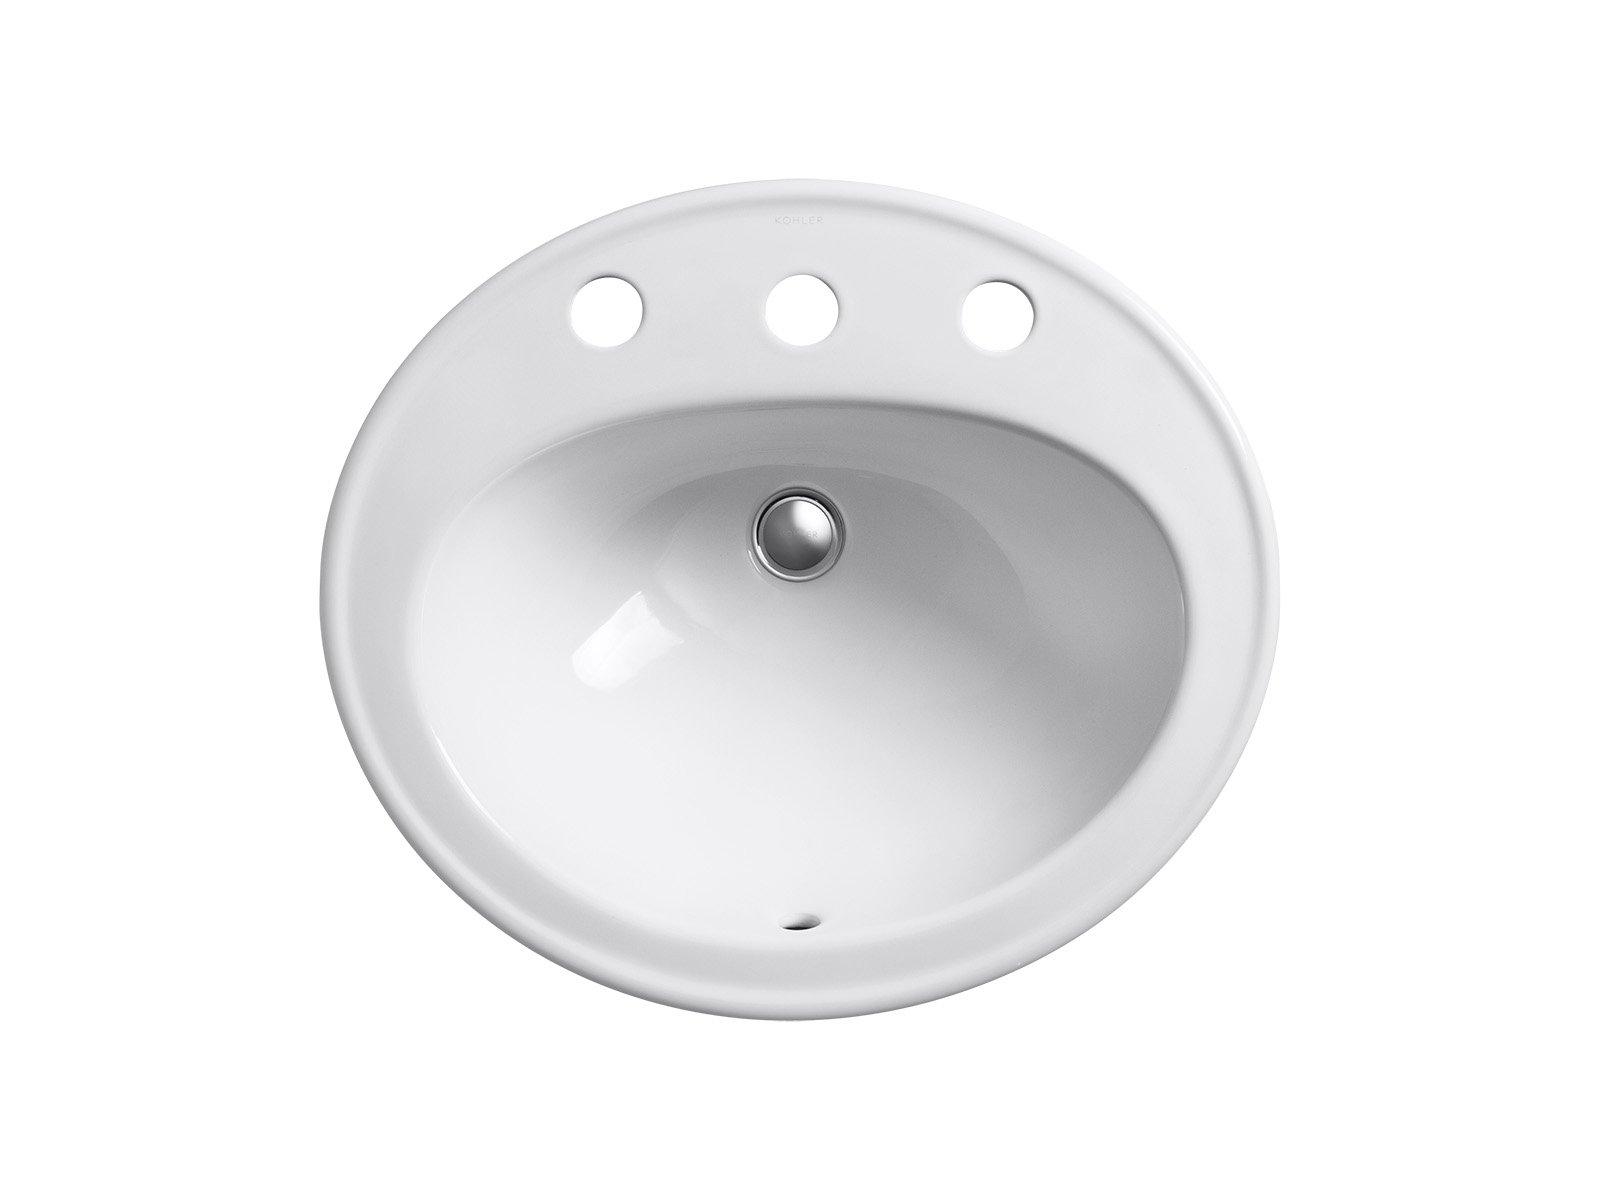 KOHLER K-2196-8-0 Pennington Self-Rimming Bathroom Sink, White by Kohler (Image #2)